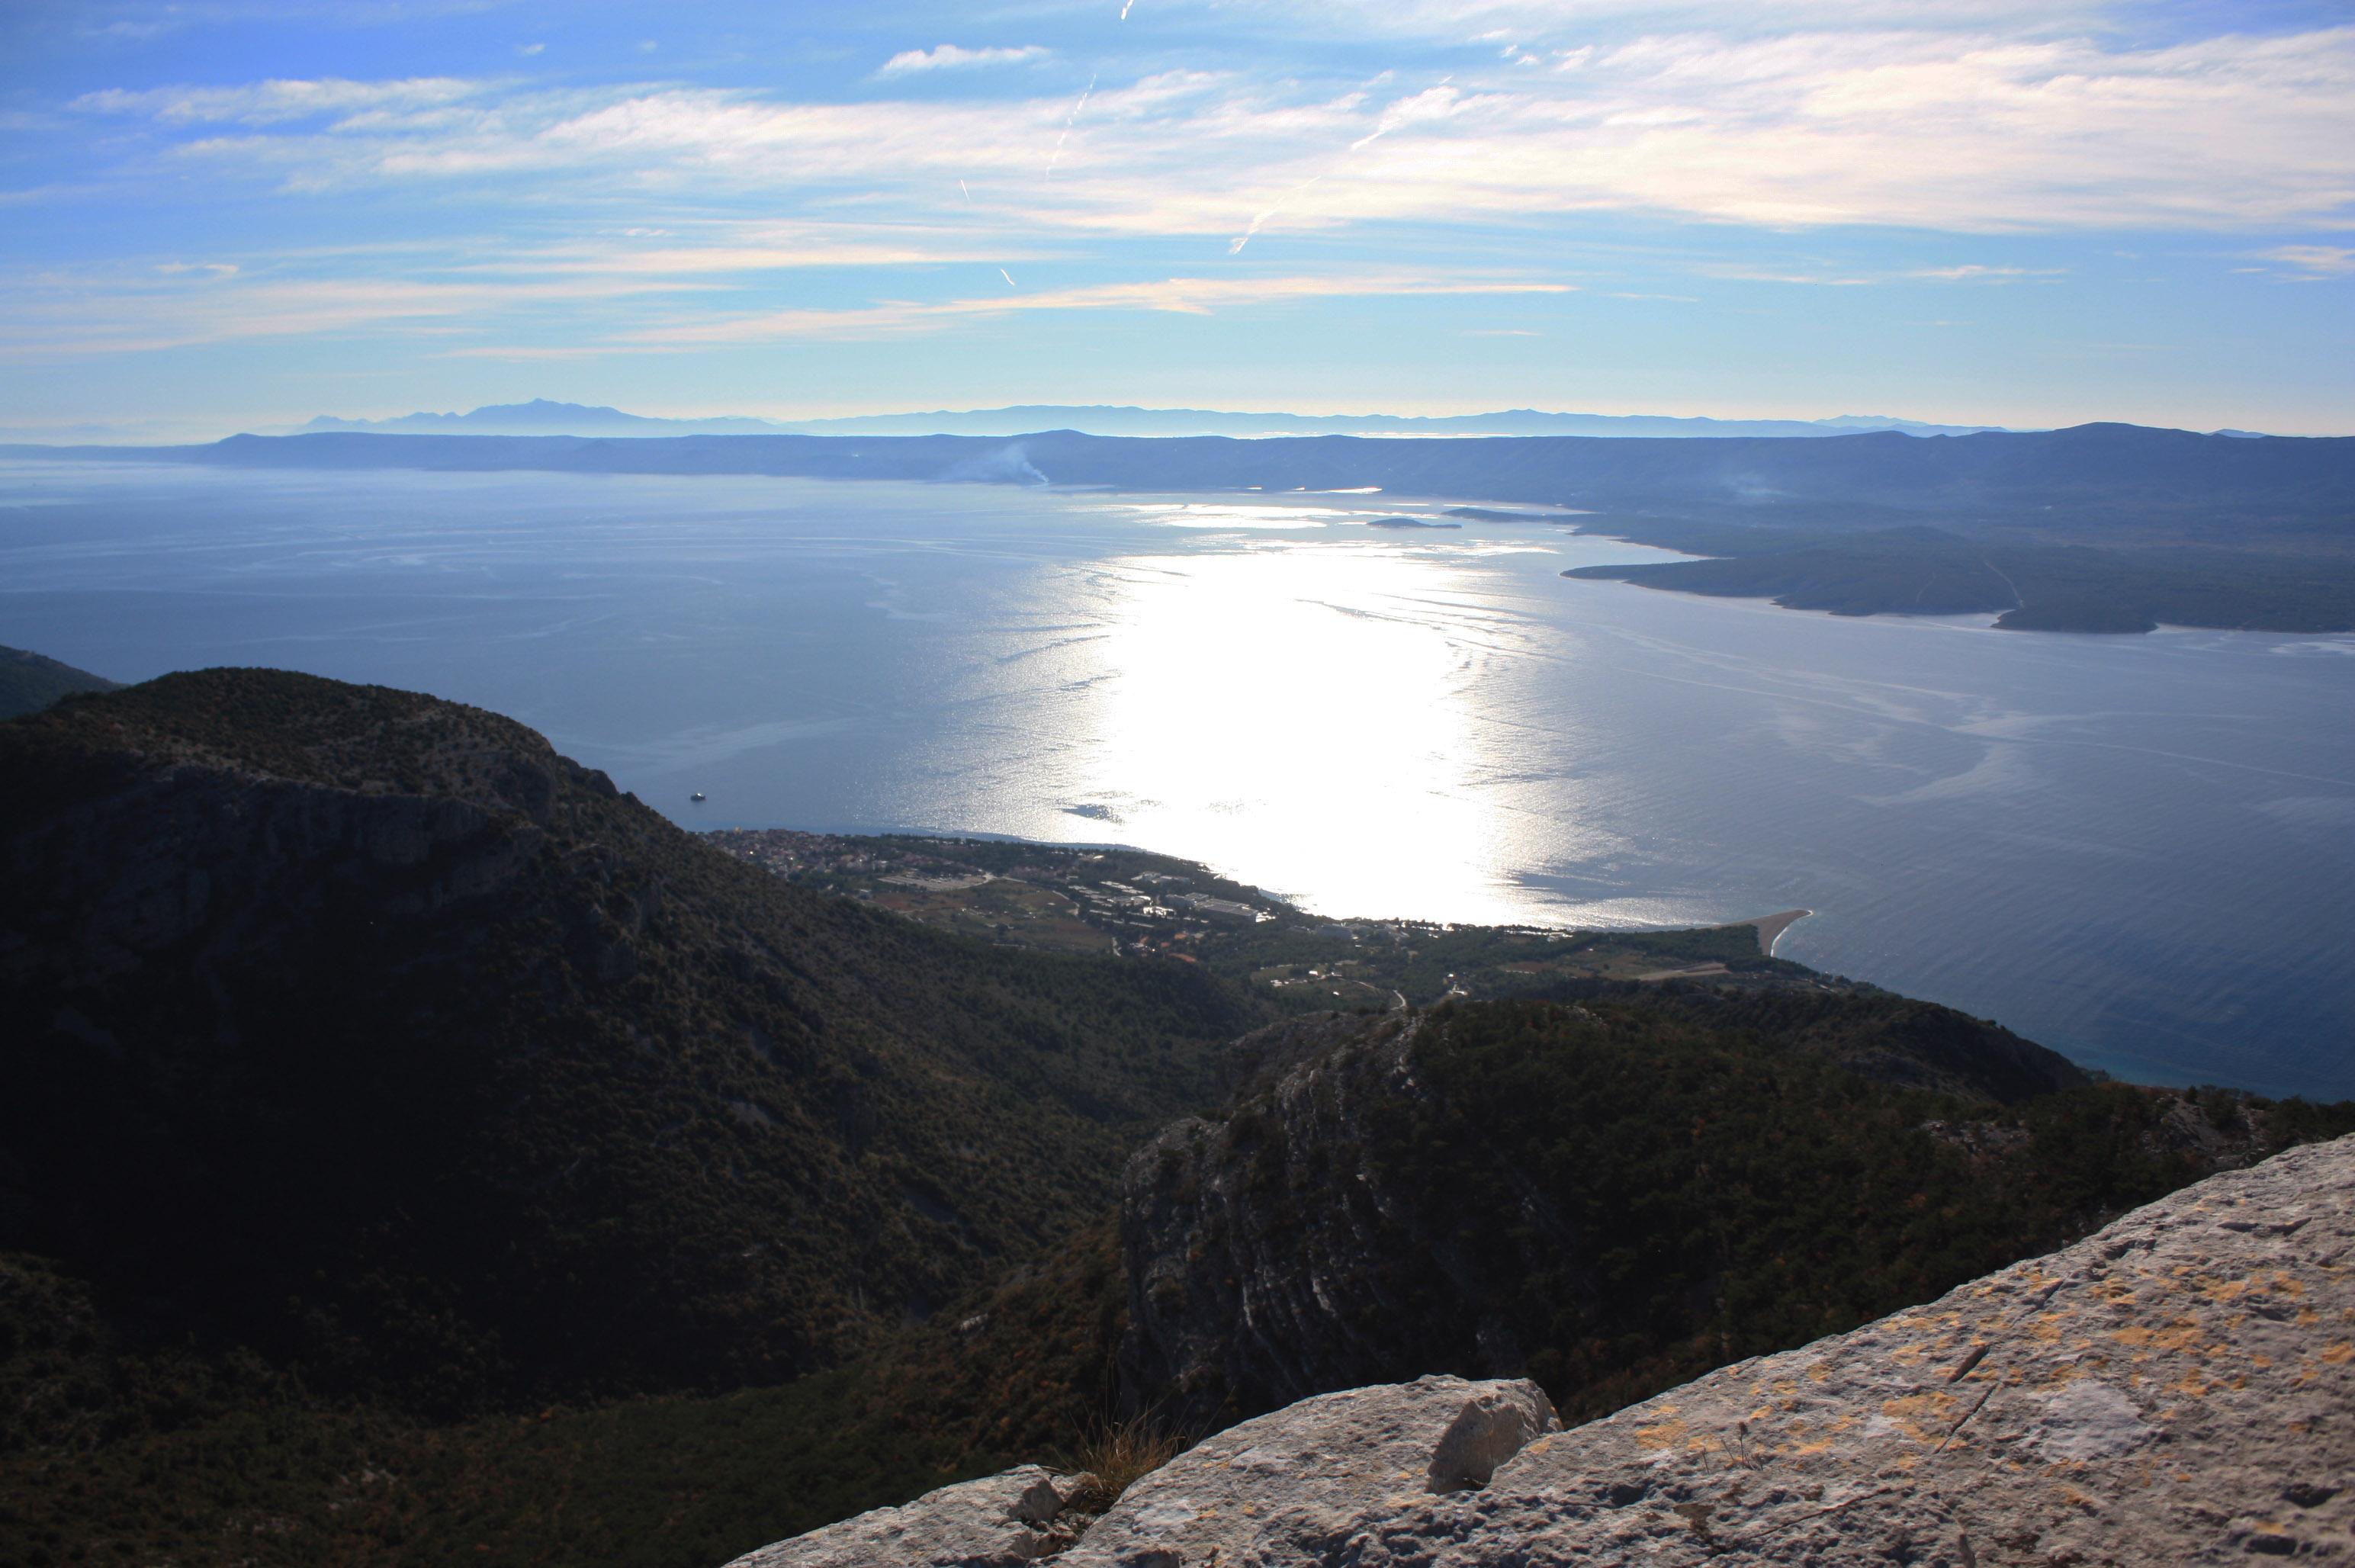 Vidova Gora's view